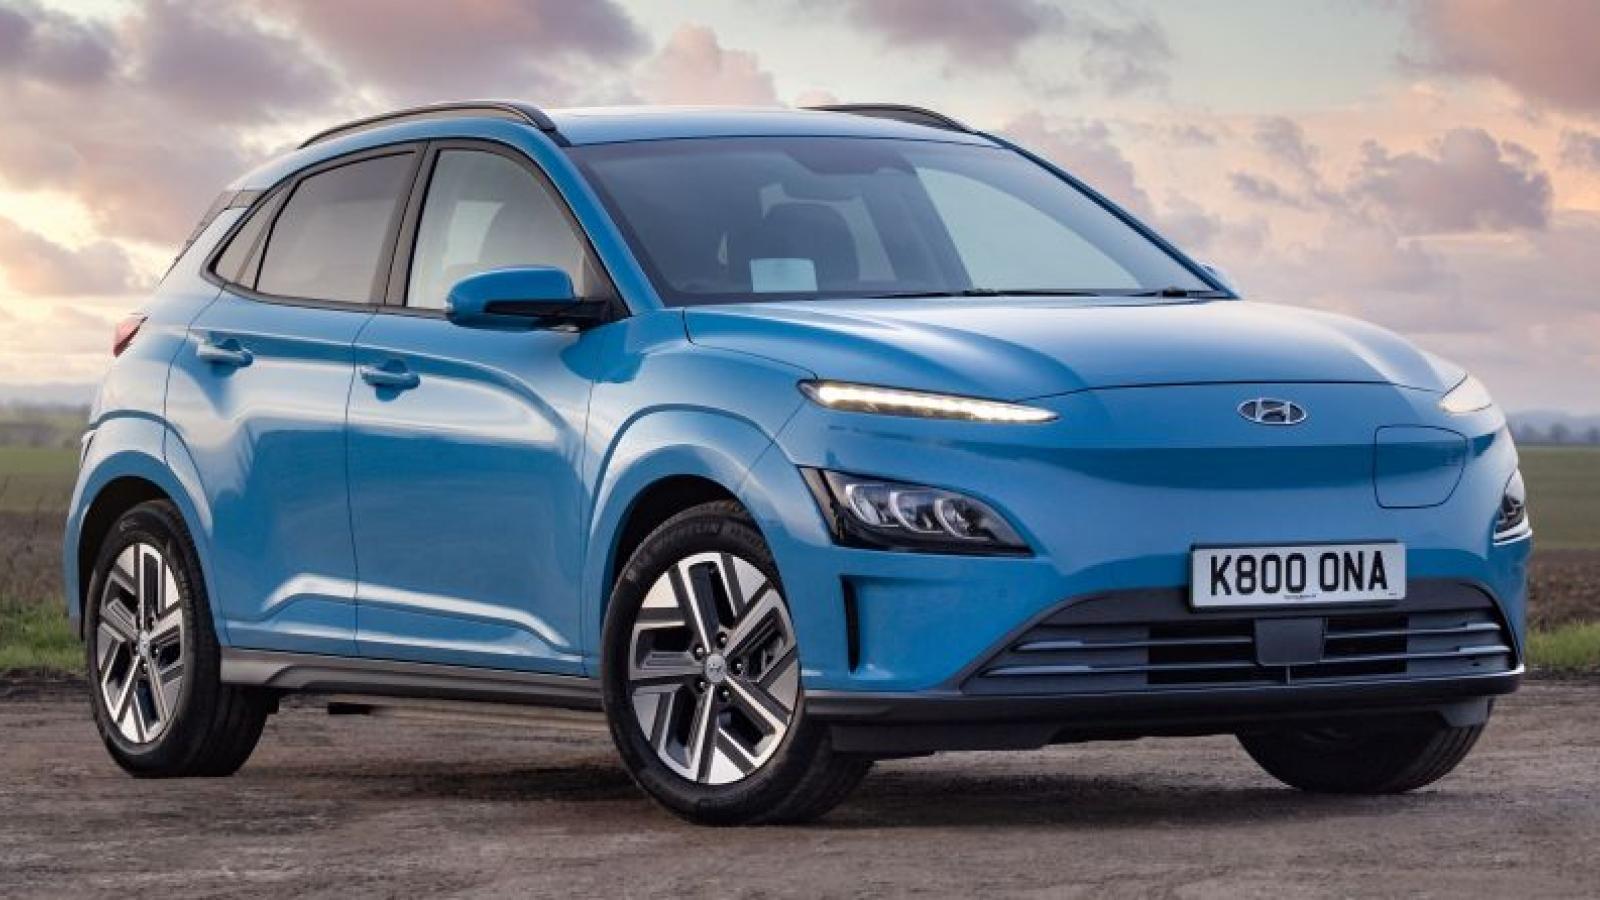 Cắt giảm động cơ xăng Hyundai tập trung đầu tư vào xe điện